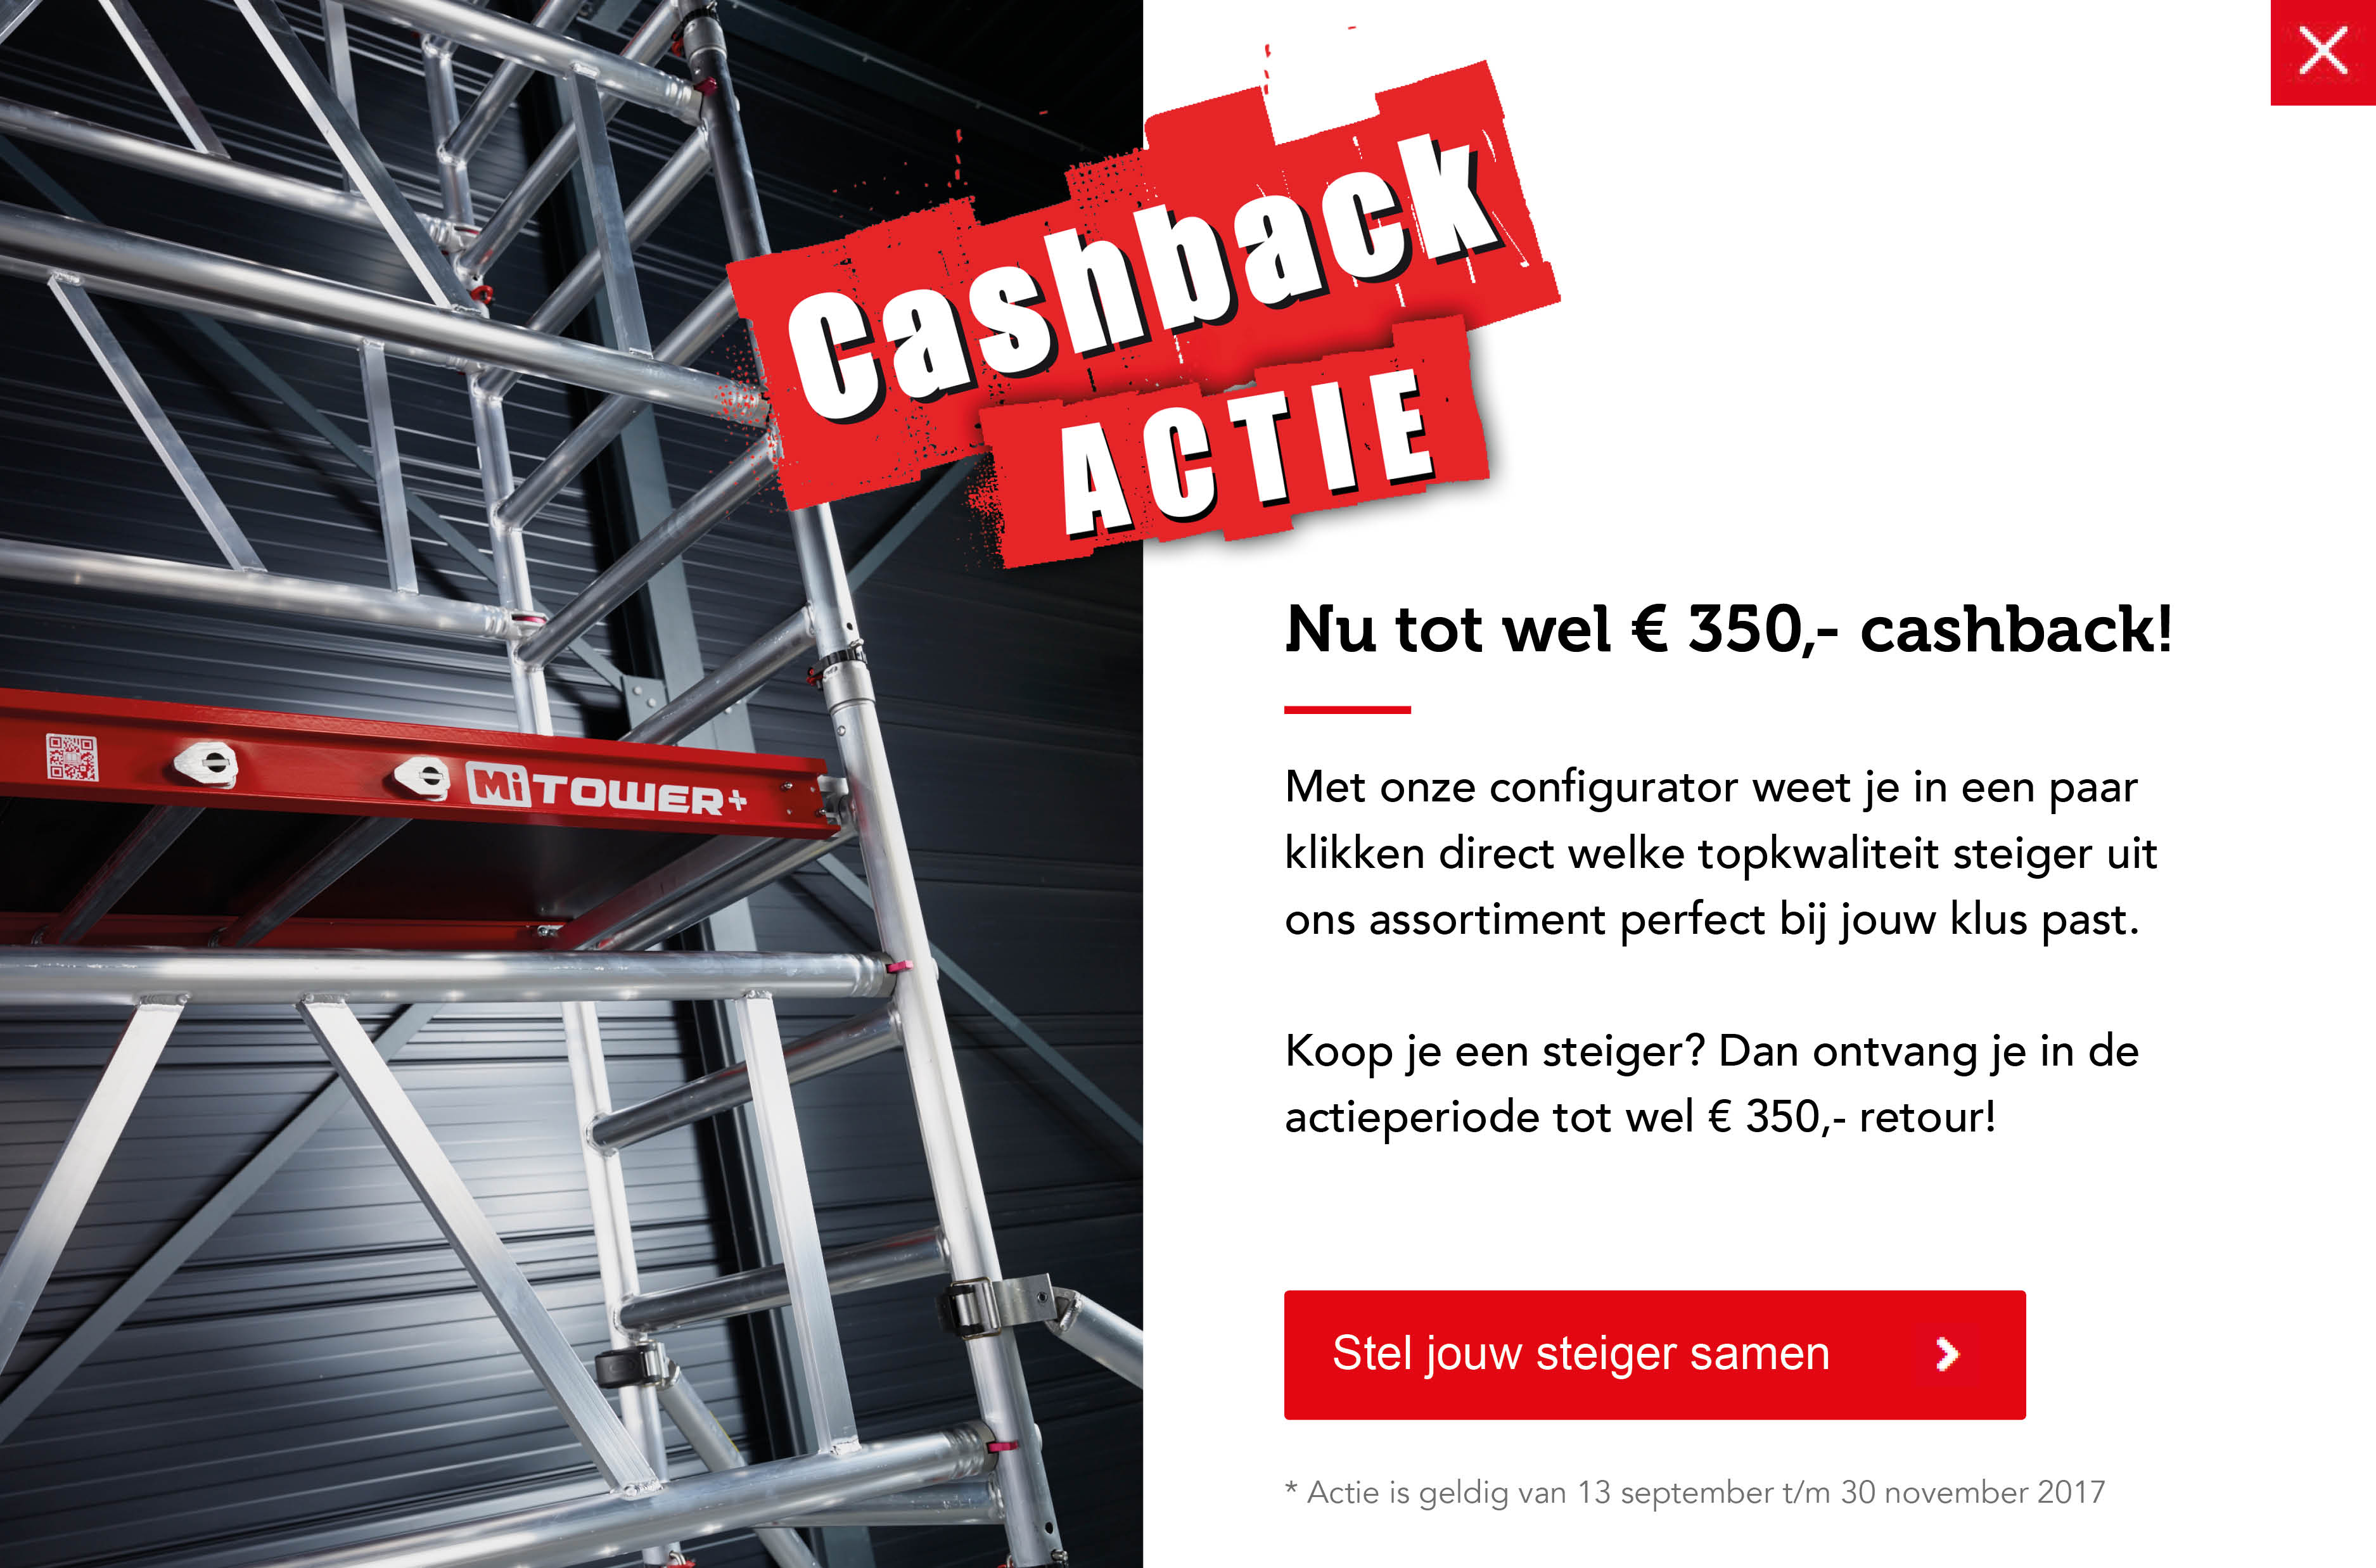 Cashback najaarsactie